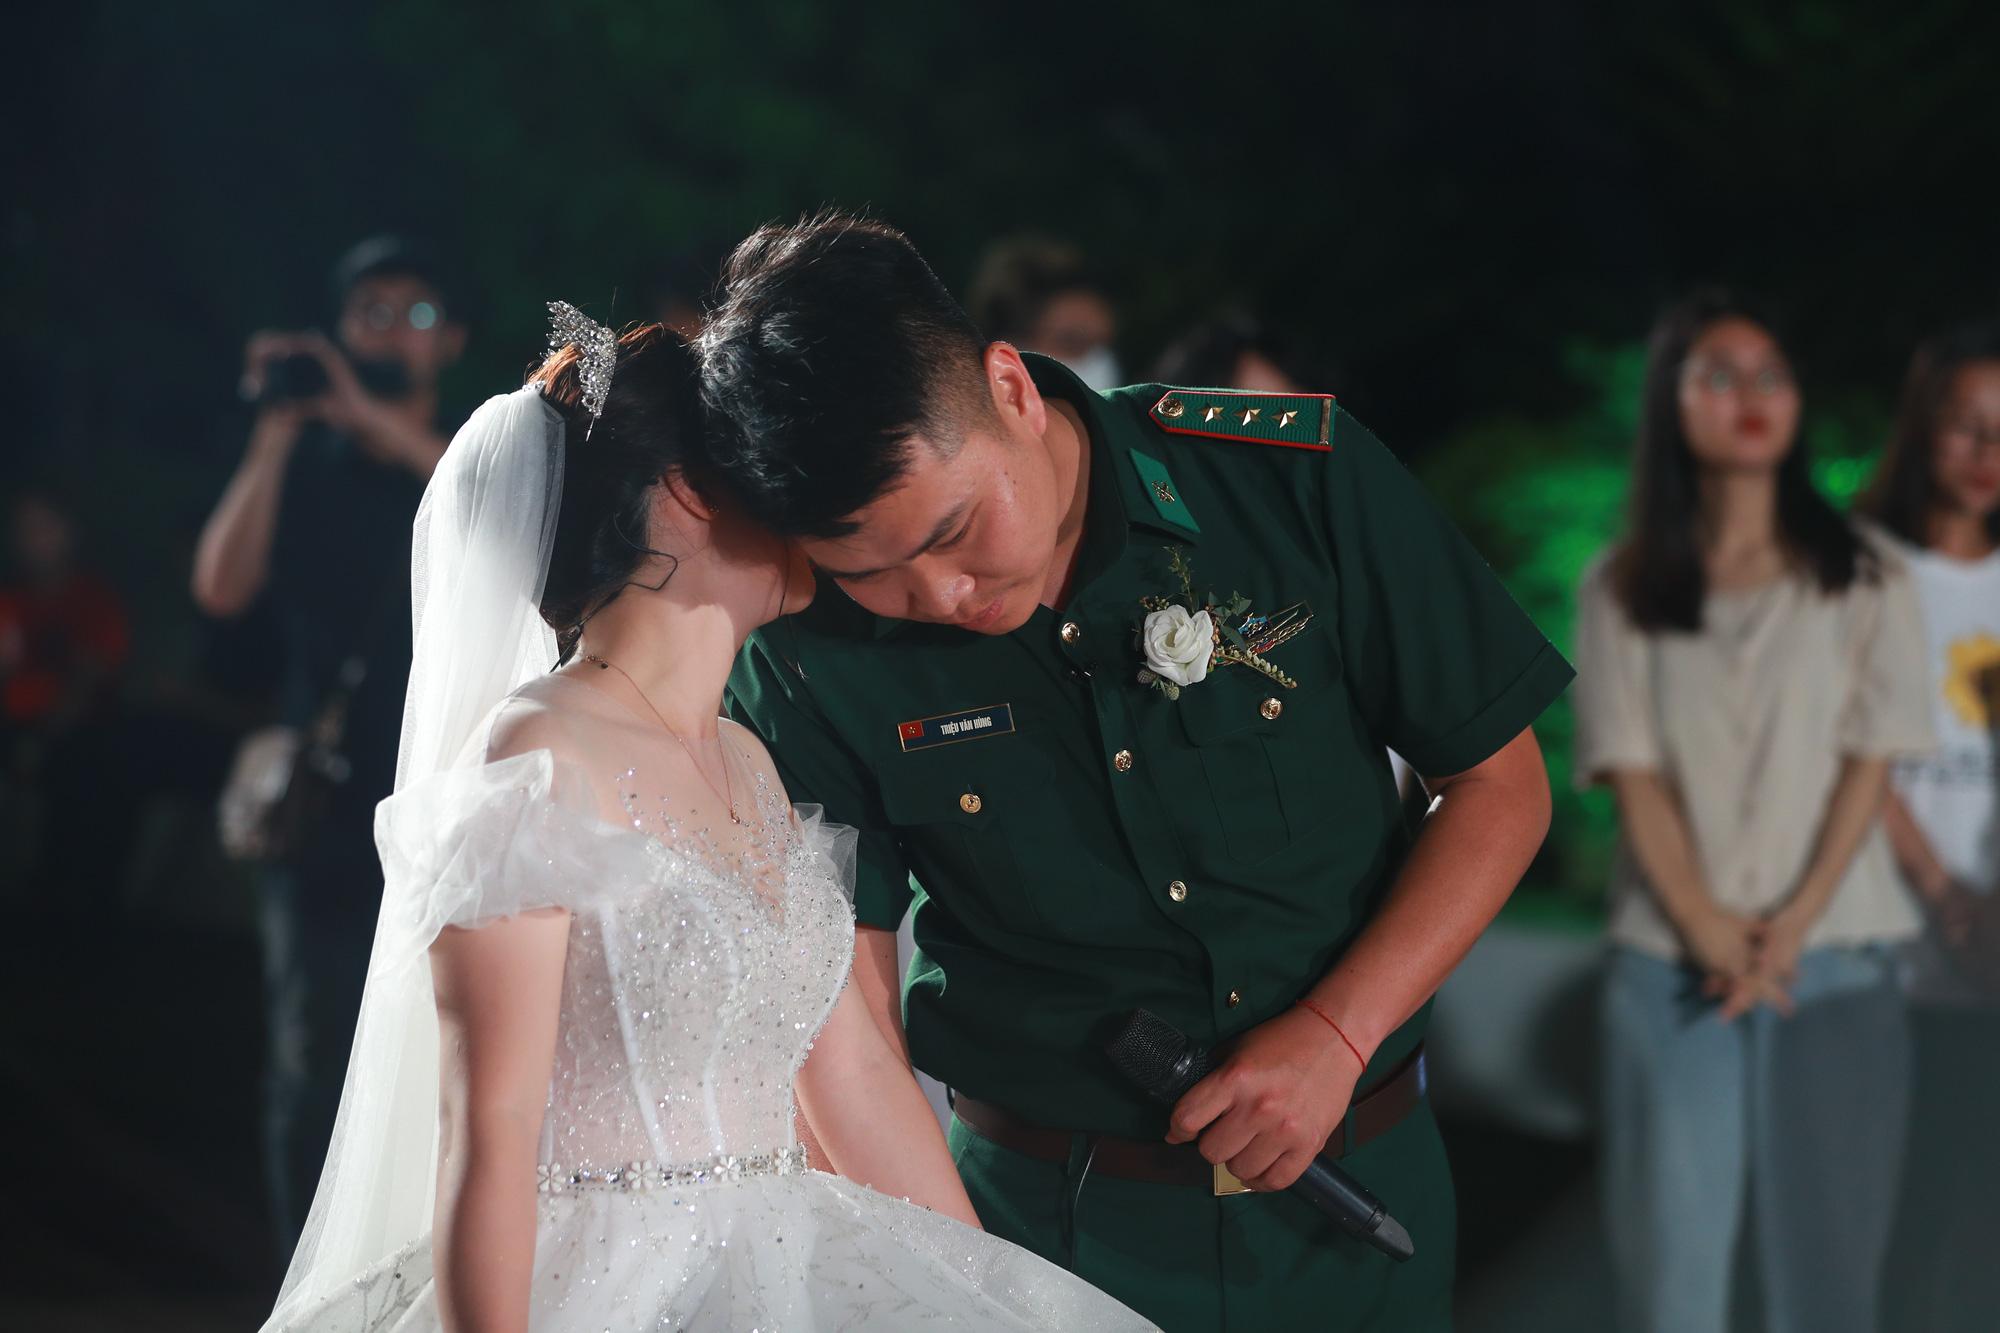 Điều ước thứ 7: Đám cưới đặc biệt của người chiến sĩ giữa mùa dịch COVID-19 - Ảnh 6.